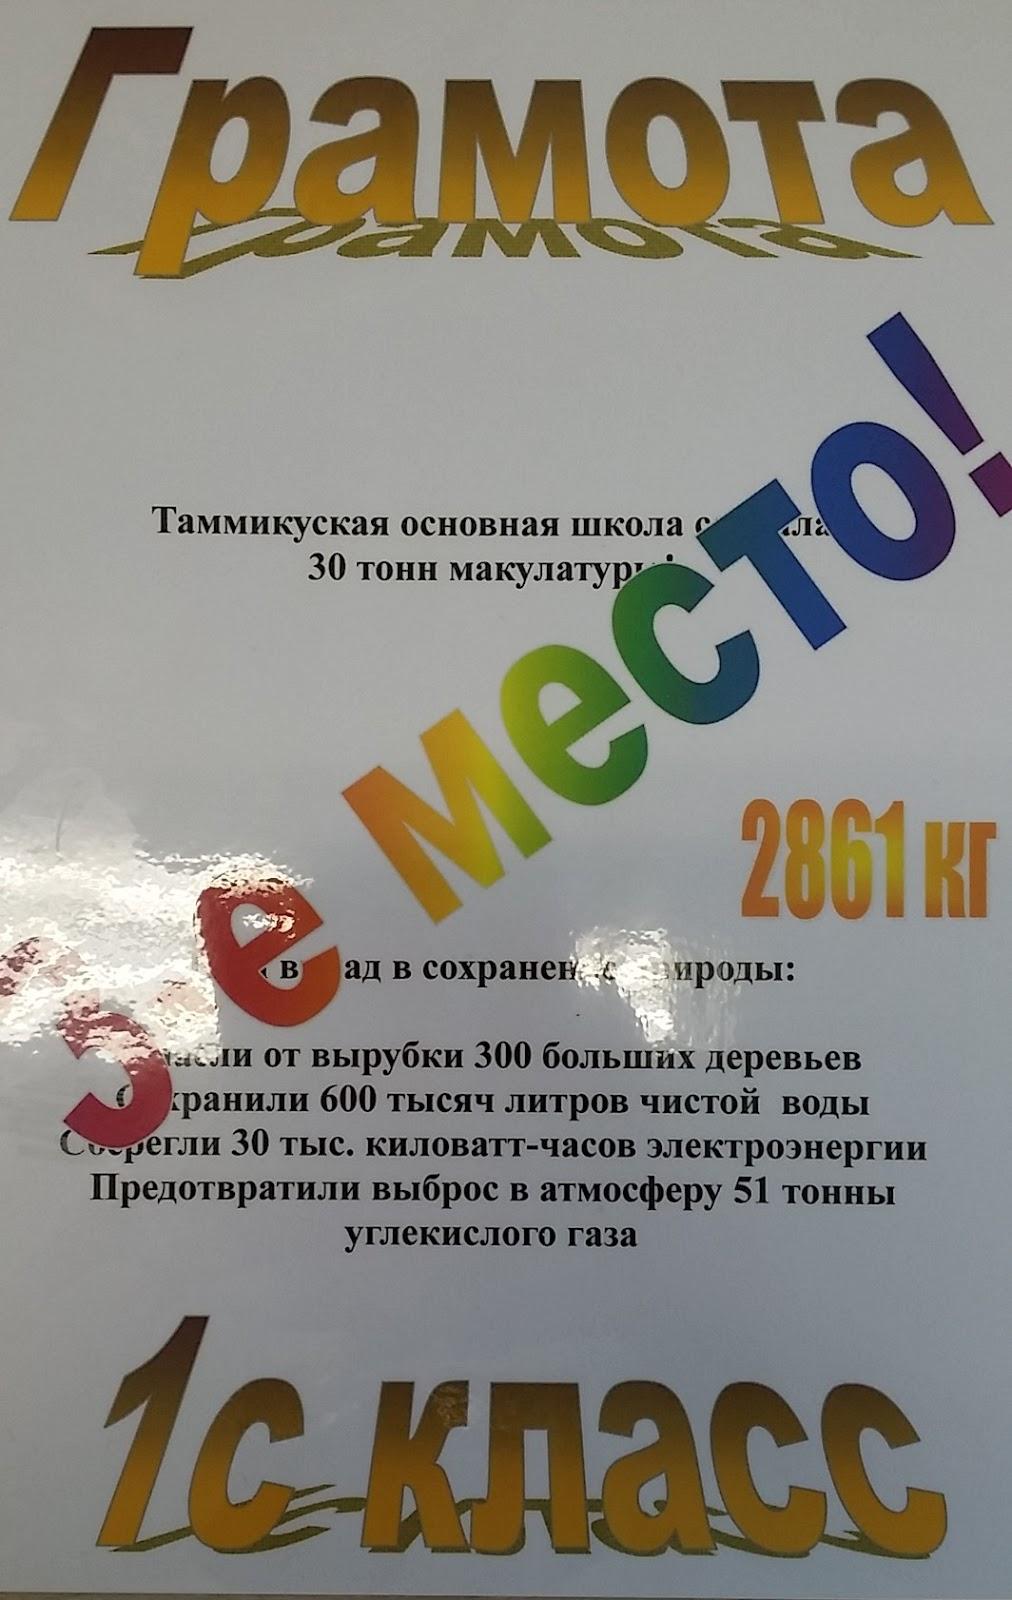 Благодарность за участие в сборе макулатуры шаблон сдать макулатуру москва и московская область